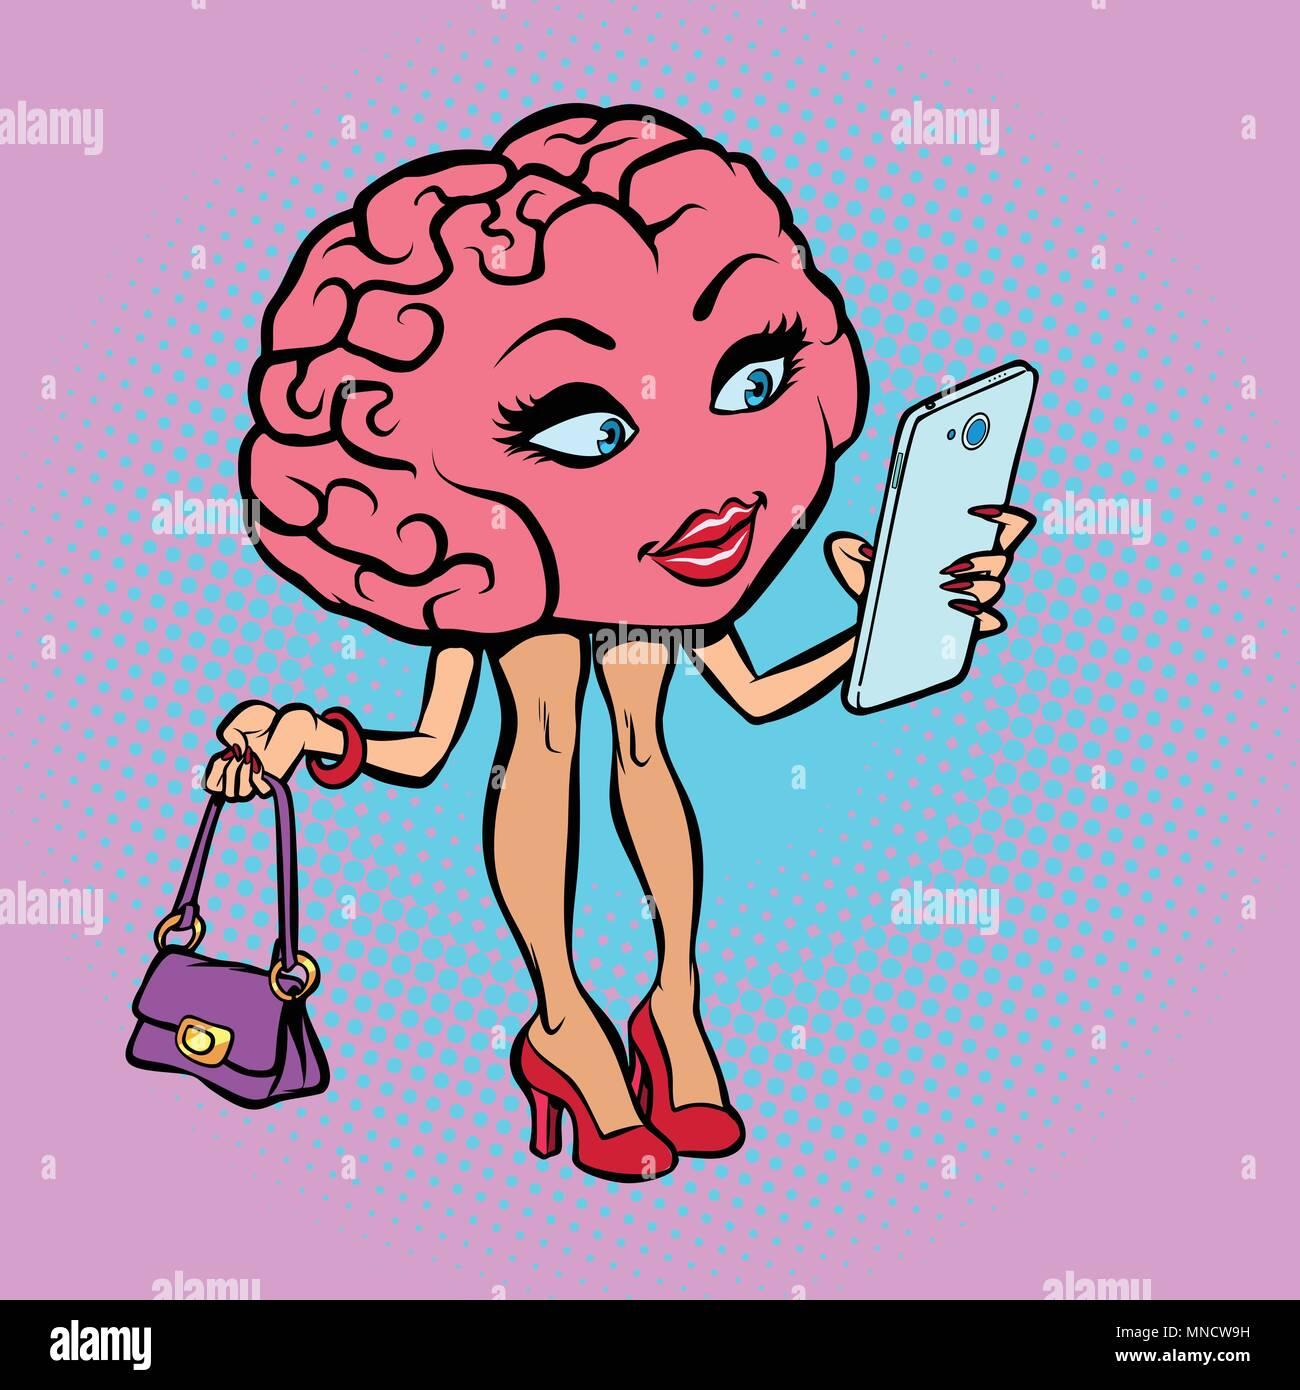 Cervello di carattere donna con uno smartphone Immagine e Vettoriale - Alamy